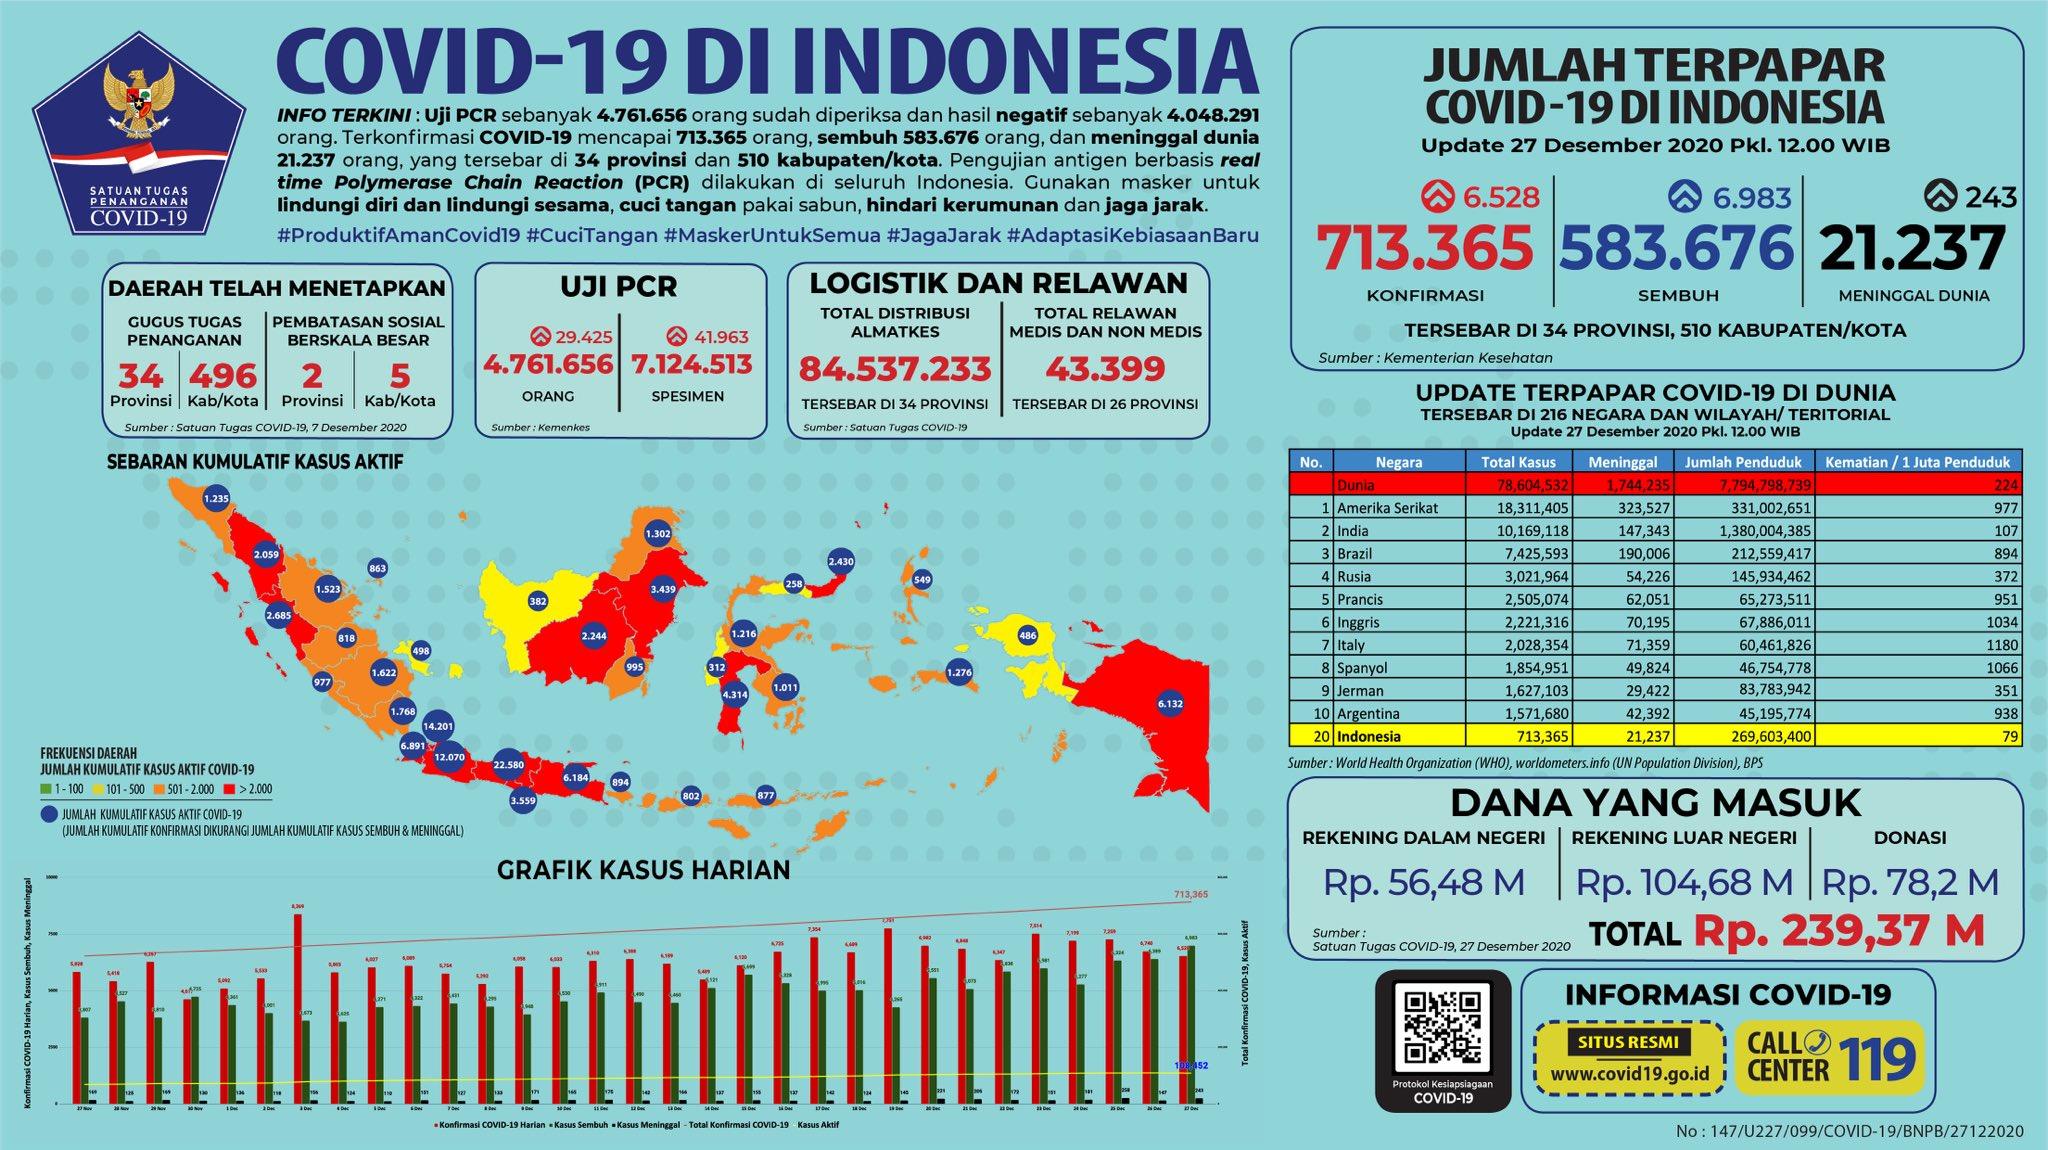 Update 27 Desember 2020 Korban Covid-19 di Indonesia: 713 ...